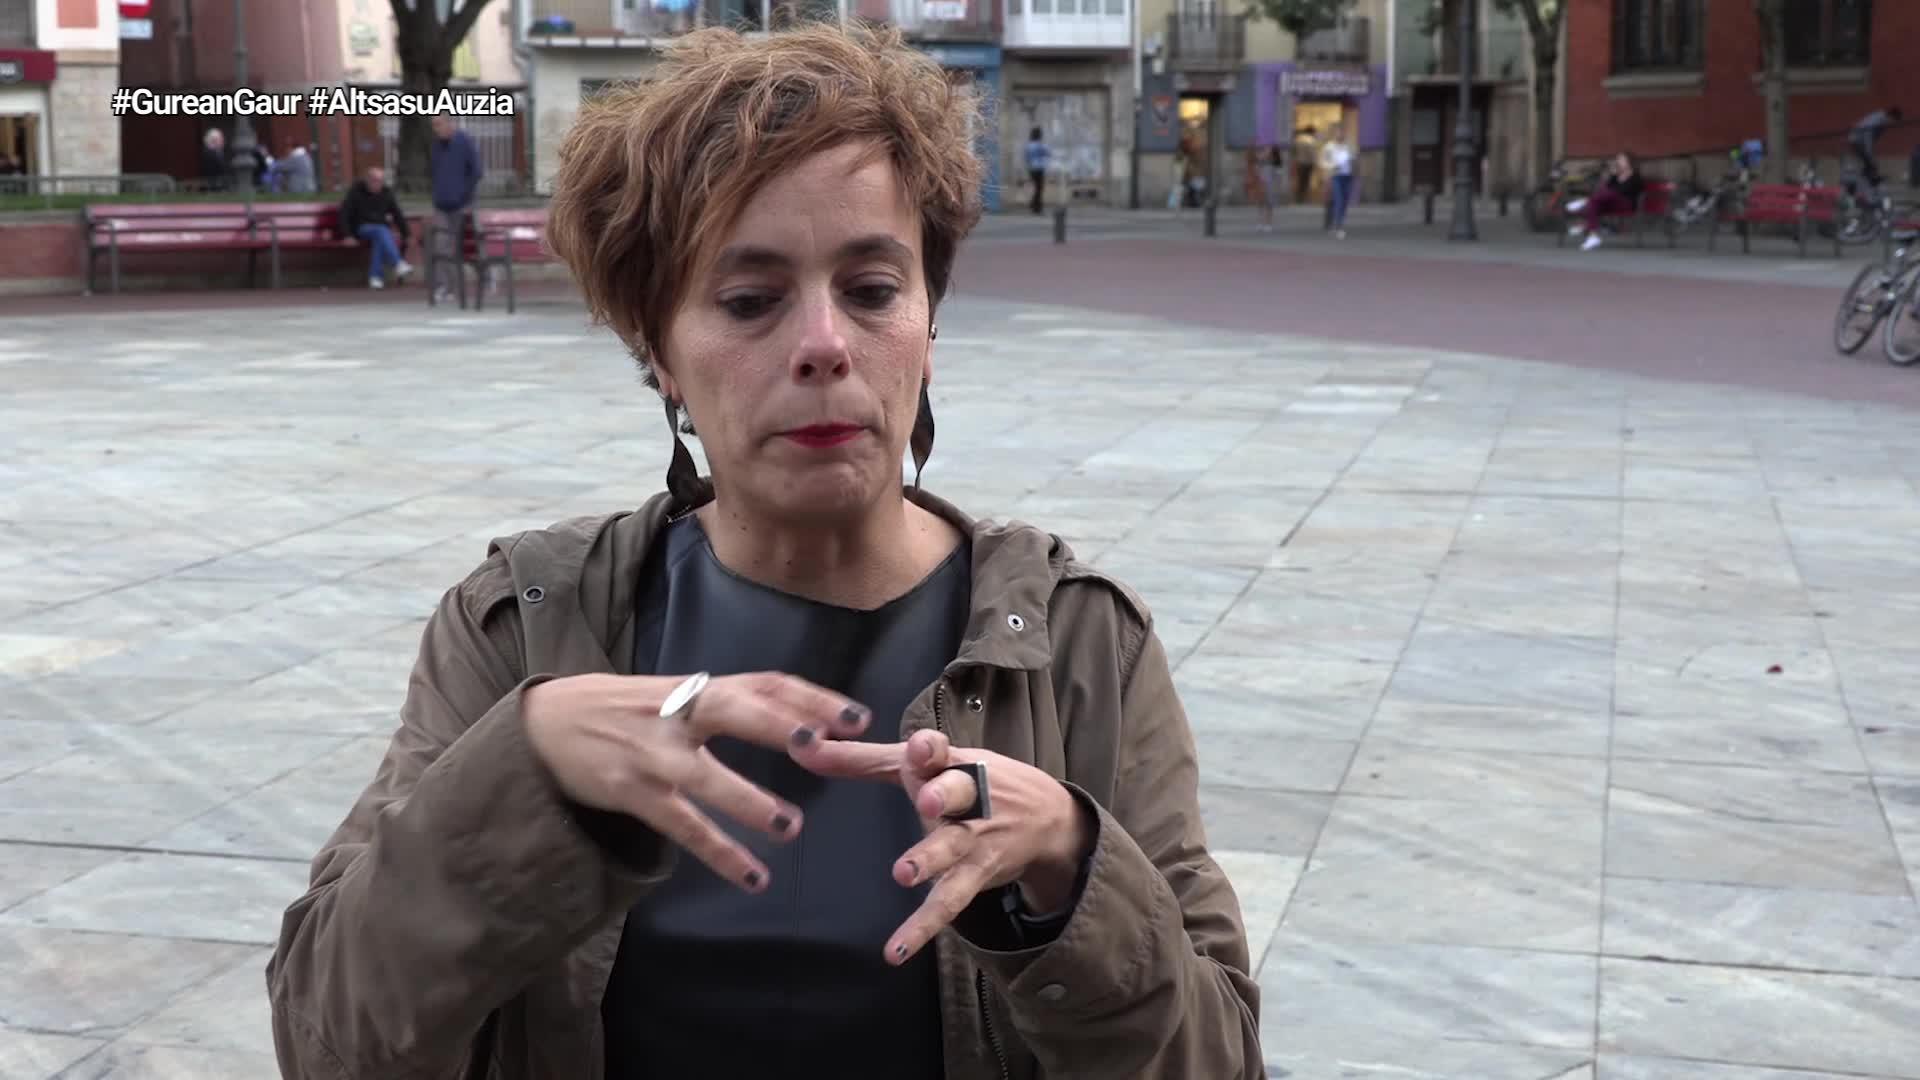 Amaia Izko: 'Balorazio negatiboa egiten dugu, leundu bada ere injustiziak dirauelako'